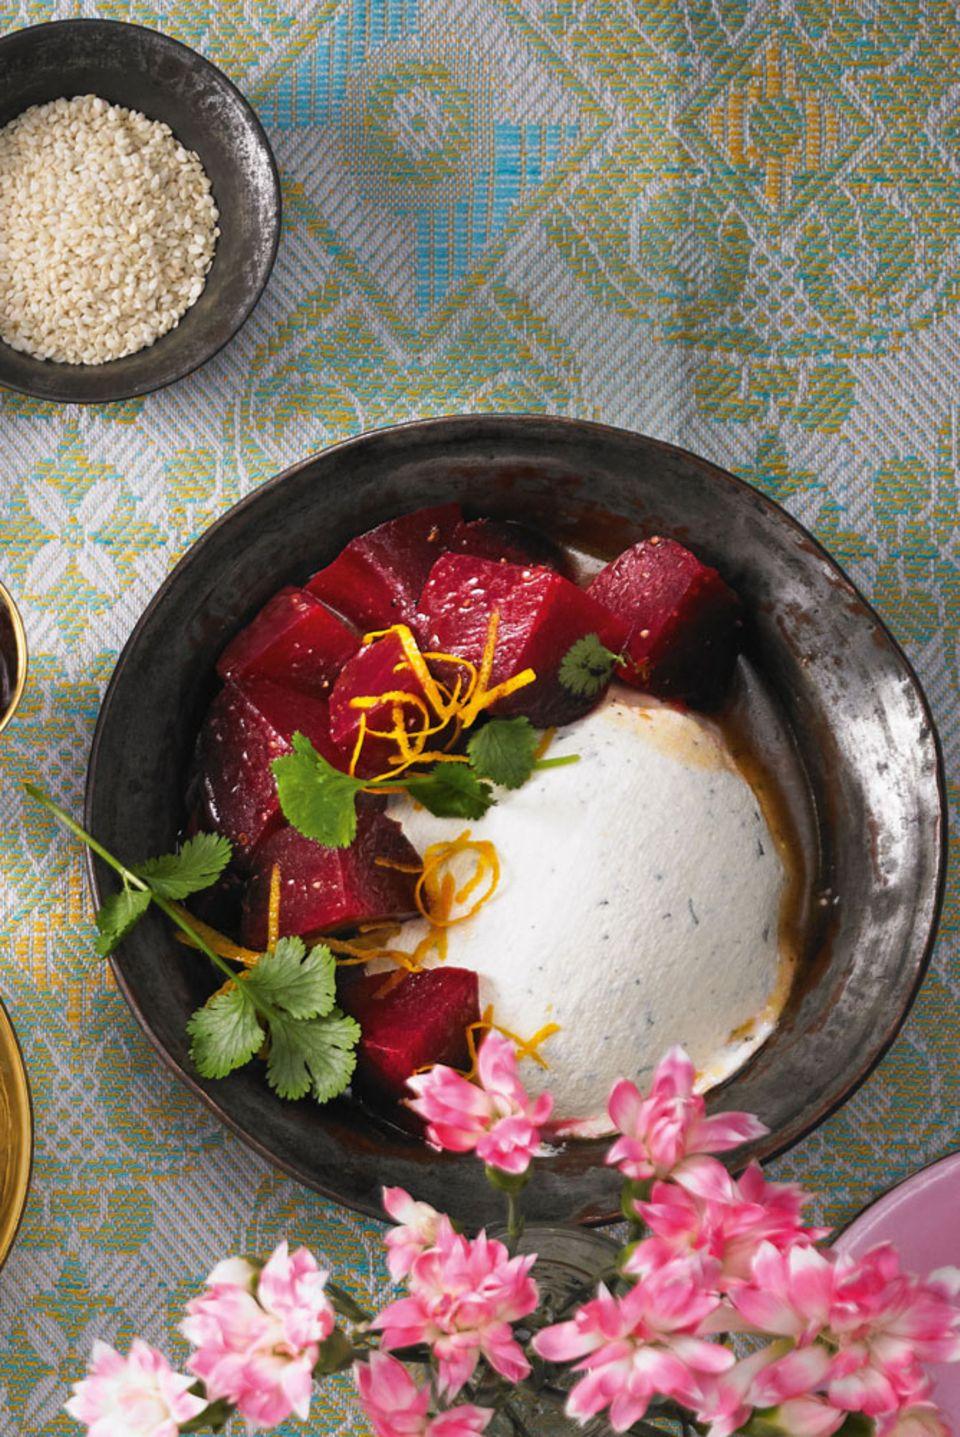 Orange, Honig, Öl und Koriander machen die Rübe zur Exotin. Zum Rezept: Rote Bete mit Zitronen-Frischkäse